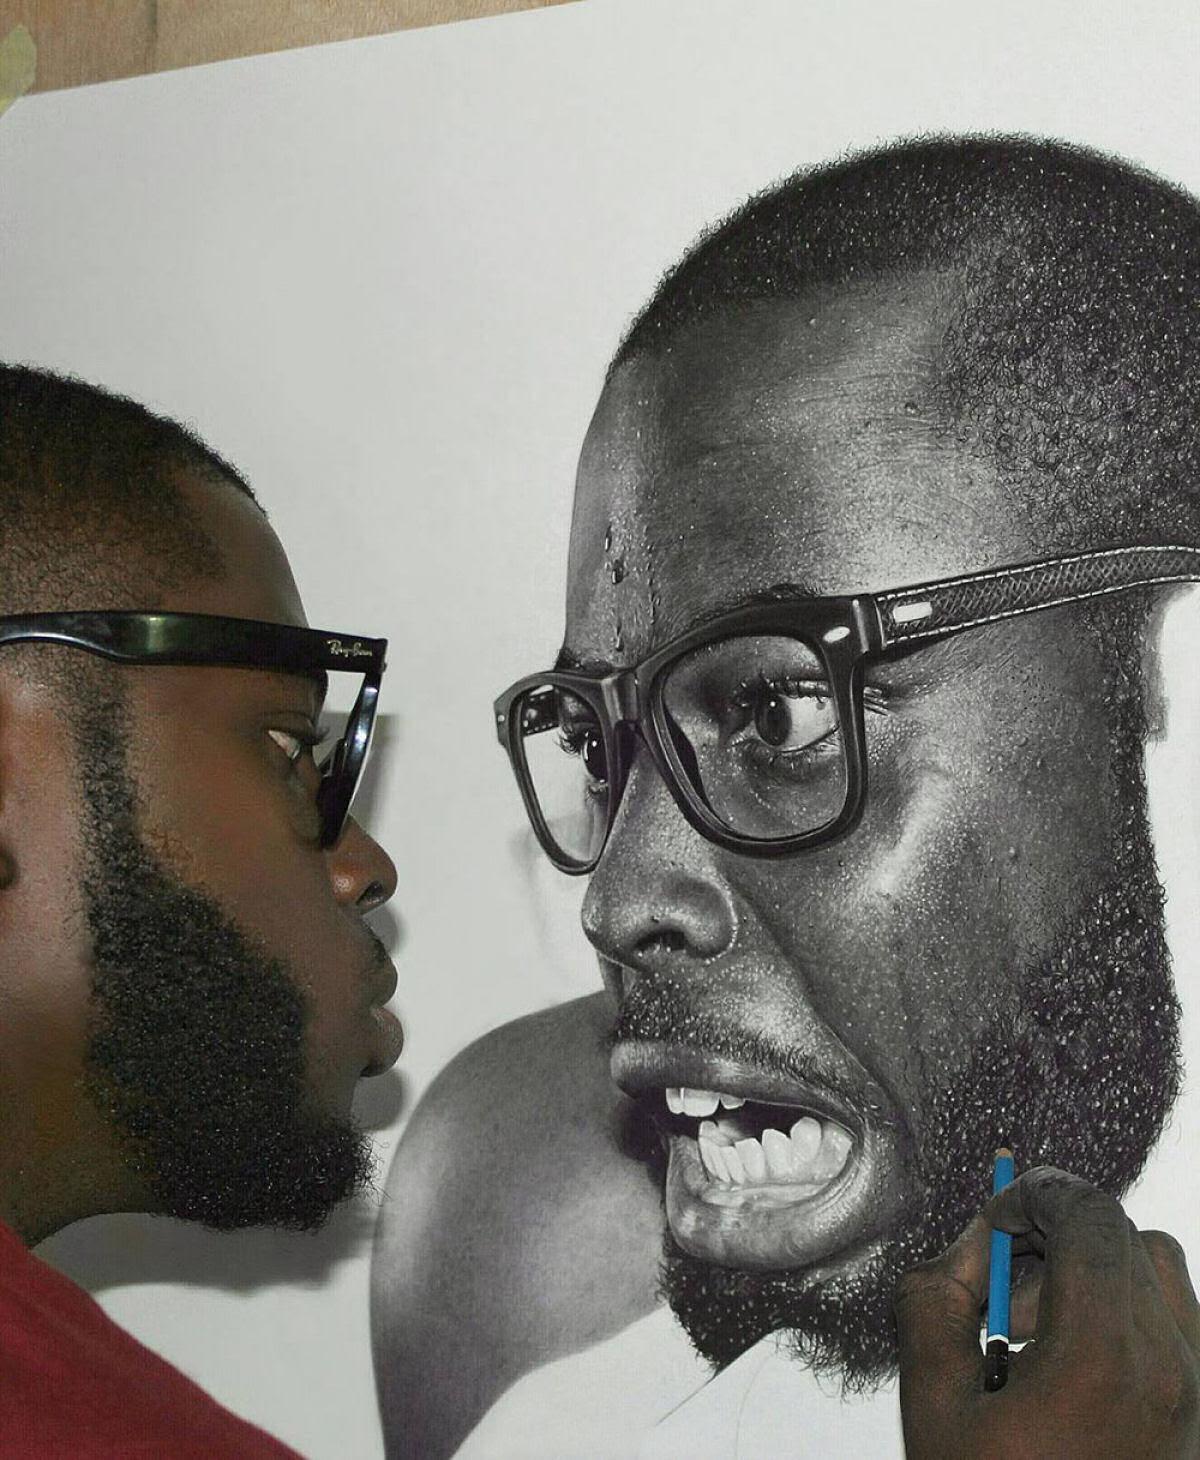 Retratos hiperrealistas de grande porte renderizados com grafite e carvão 01